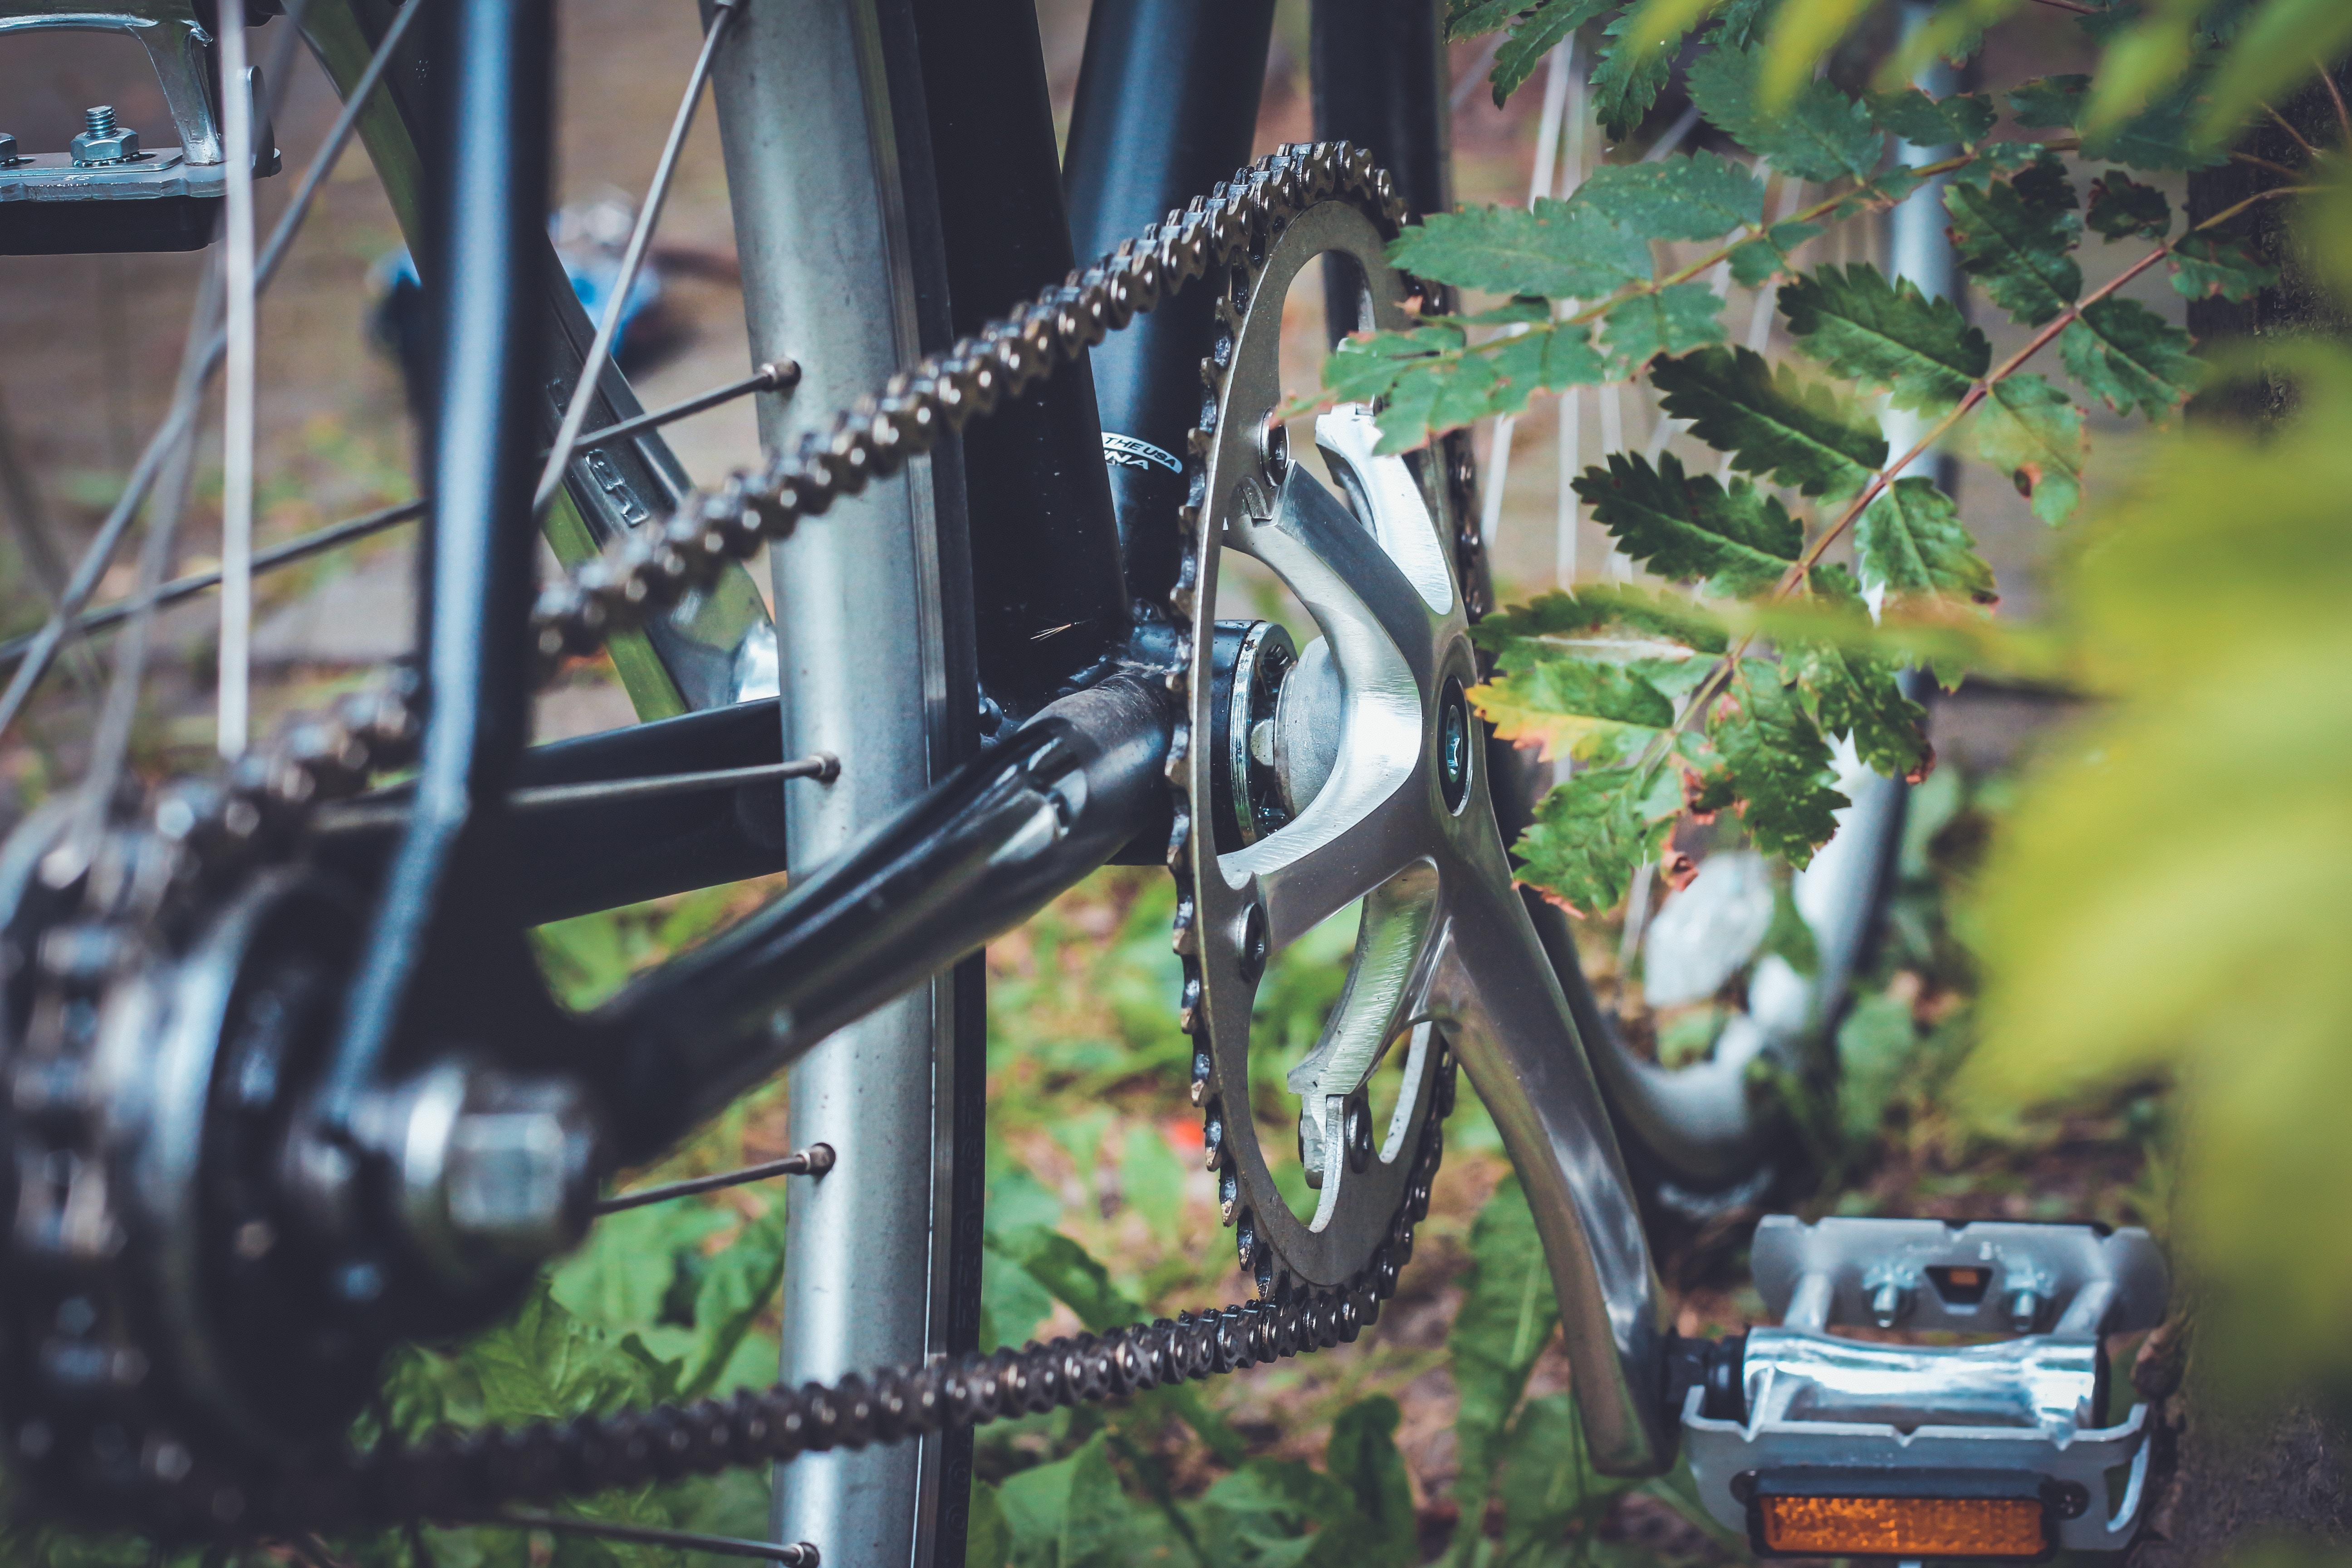 SurfaceShield Fahrradkette WD40 Alternative kaufen kathodischer Korrosionsschutz